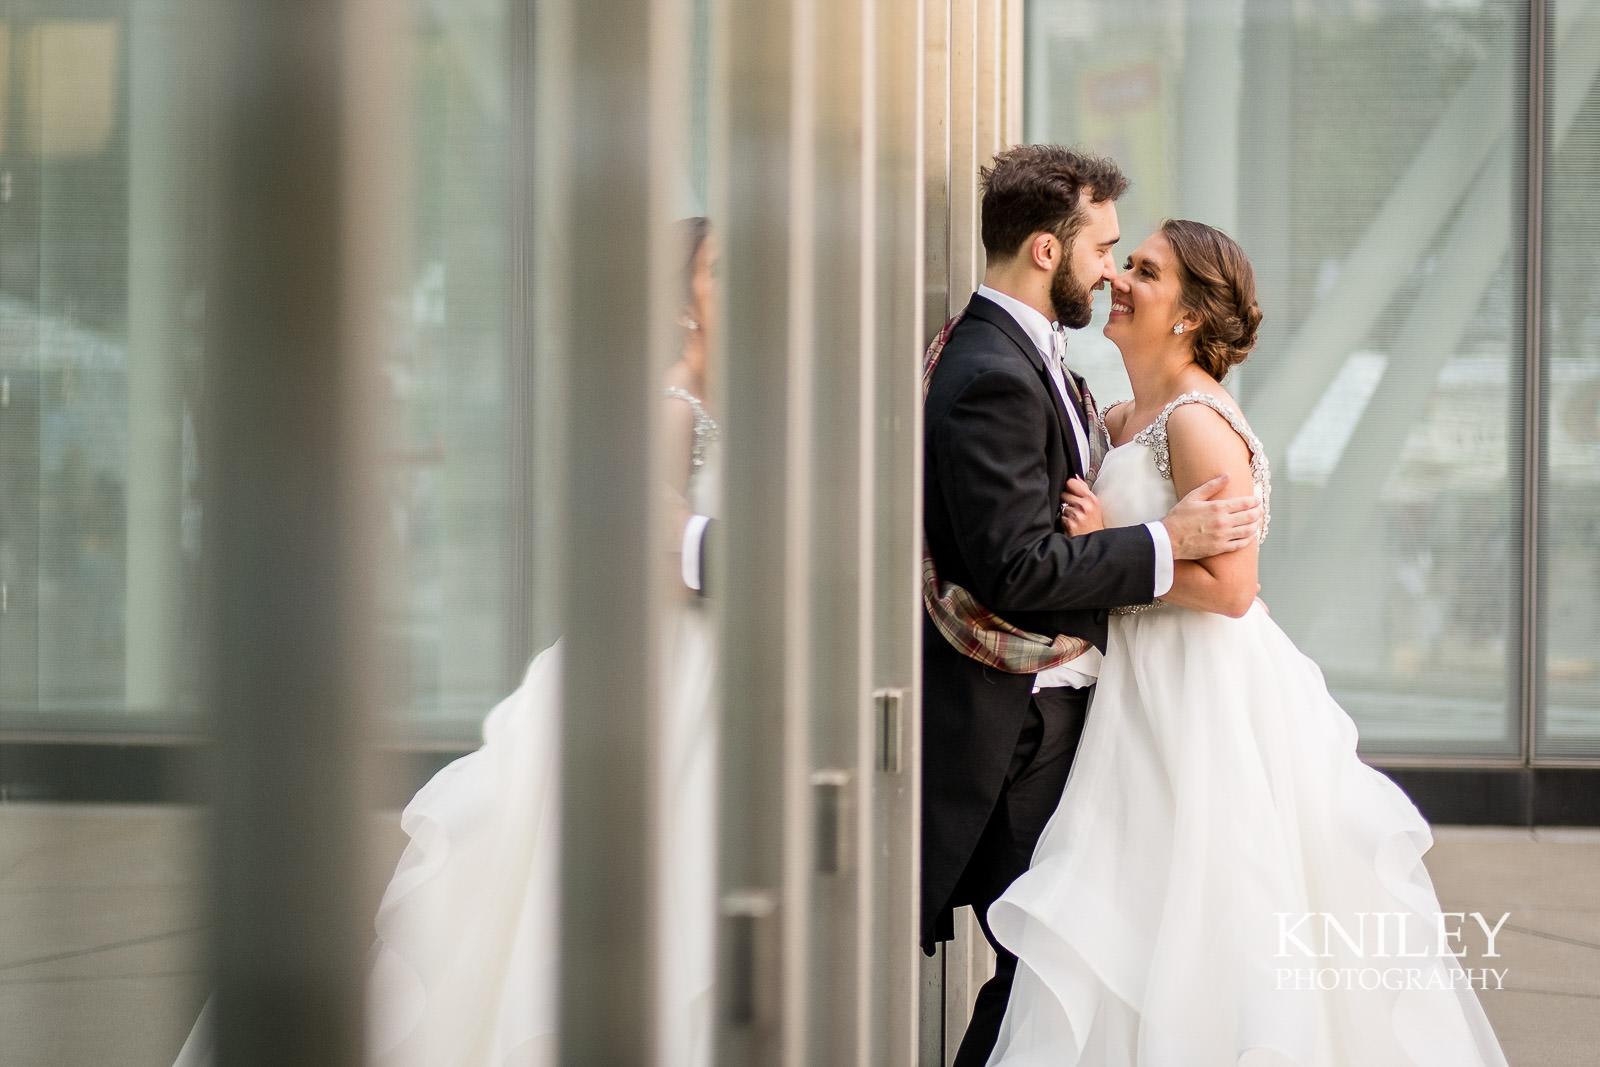 51-Statler-City-Buffalo-NY-Wedding-Photography.jpg